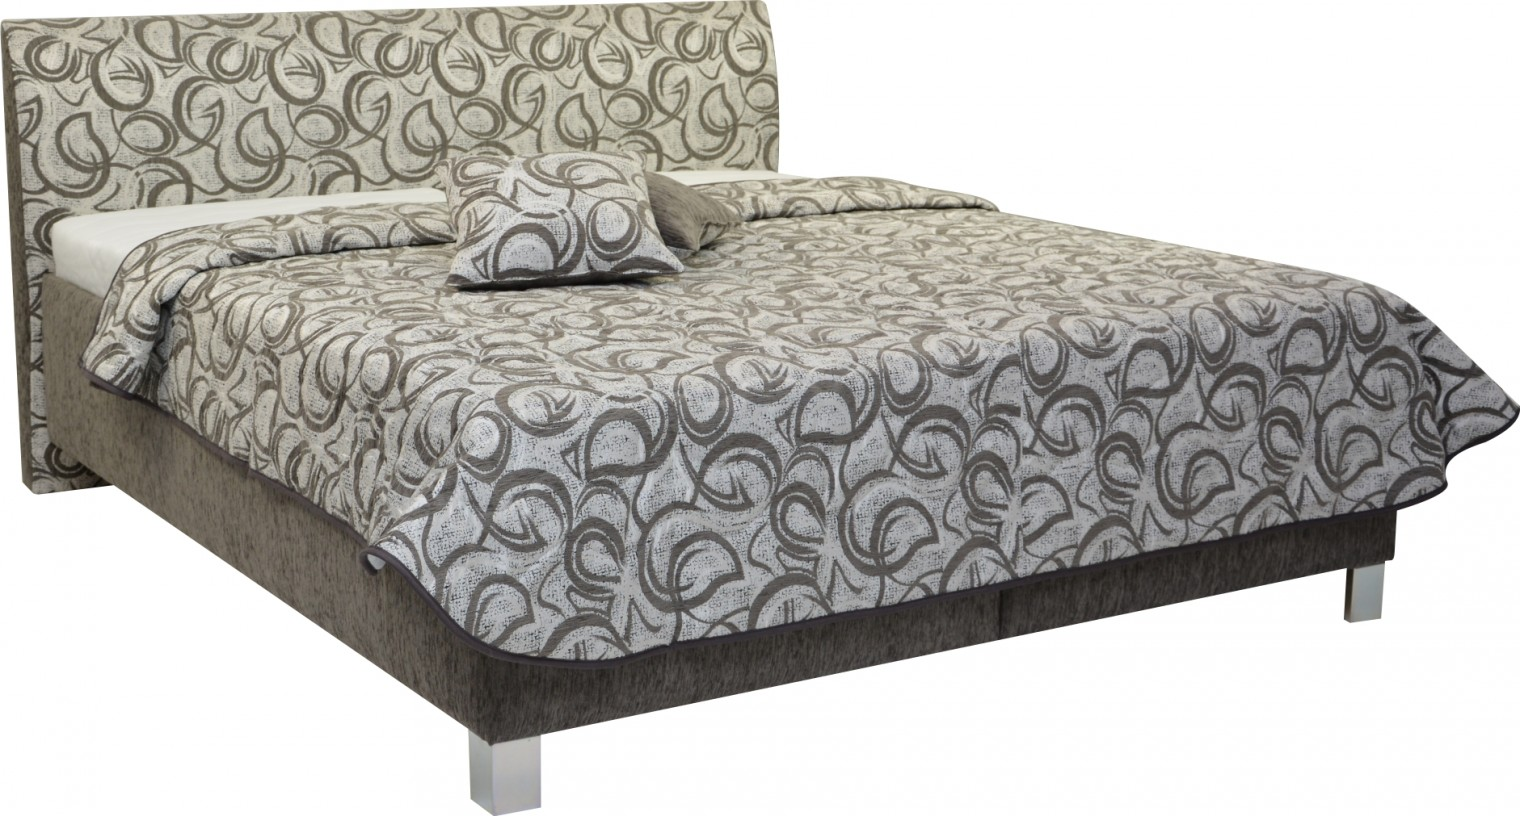 Čalouněná Čalouněná postel Sahara 180x200, vč. roštu a úp, bez matrace